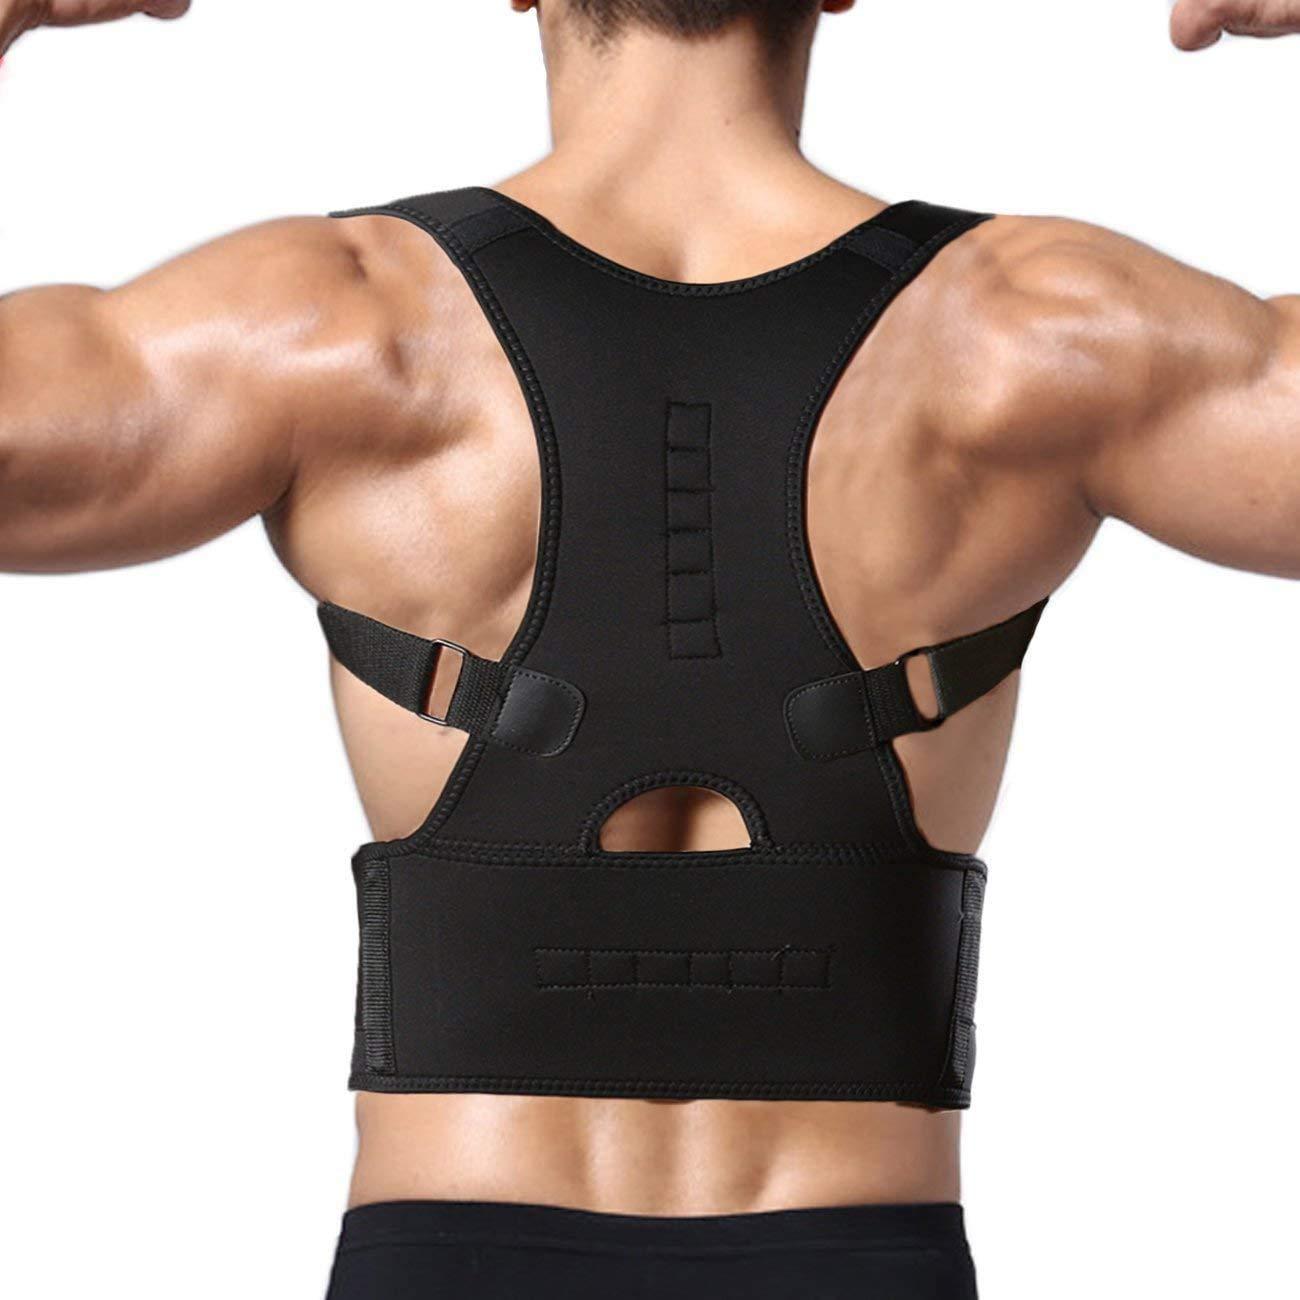 Unity Brand Magnetic Back Brace Posture Corrector Belt